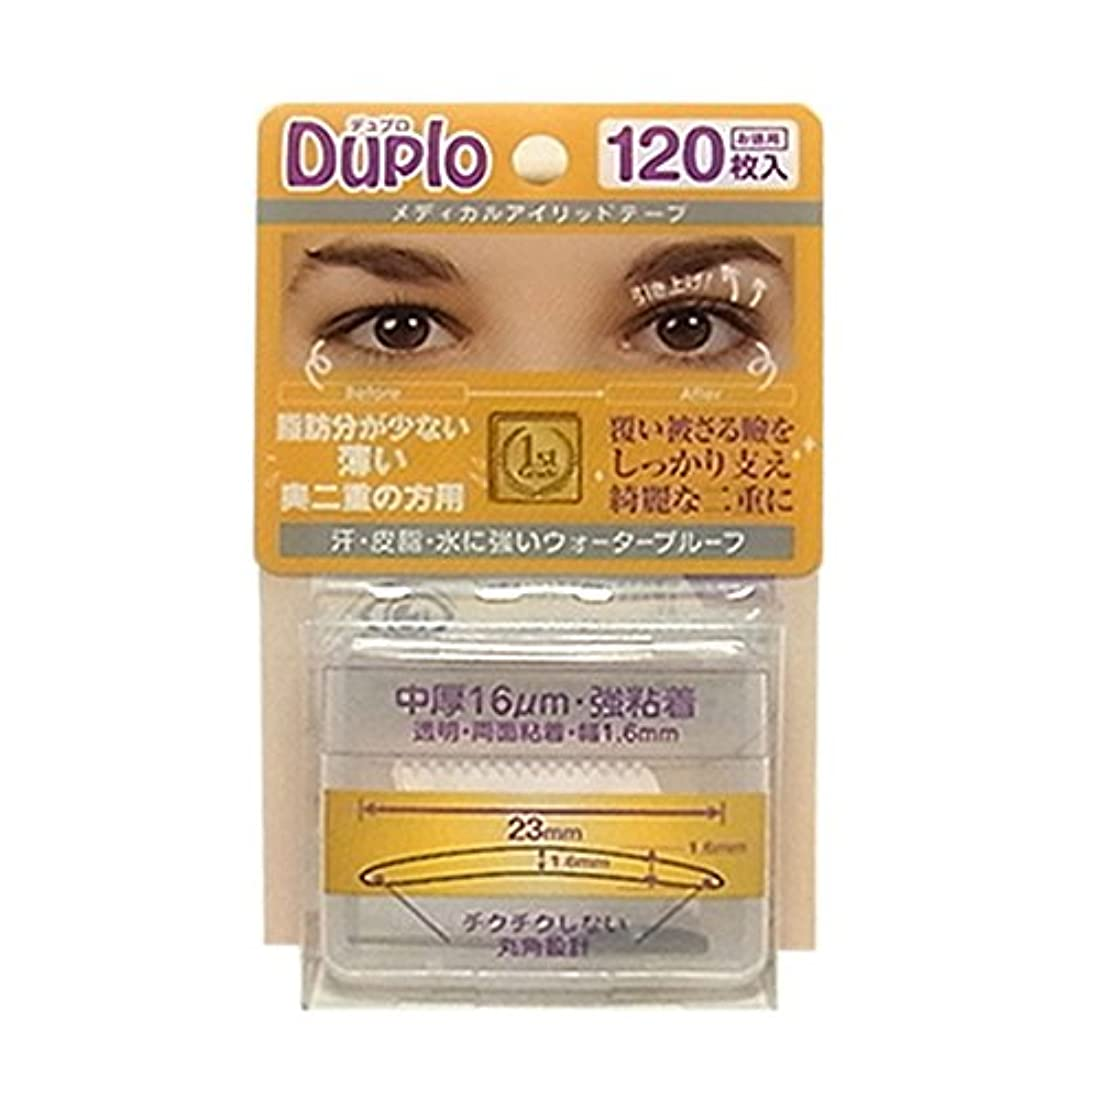 顎ミスオフセットDuplo デュプロ メディカルアイリッドテープ 中厚 16μm 強粘着 (眼瞼下垂防止用テープ)透明?両面 120枚入